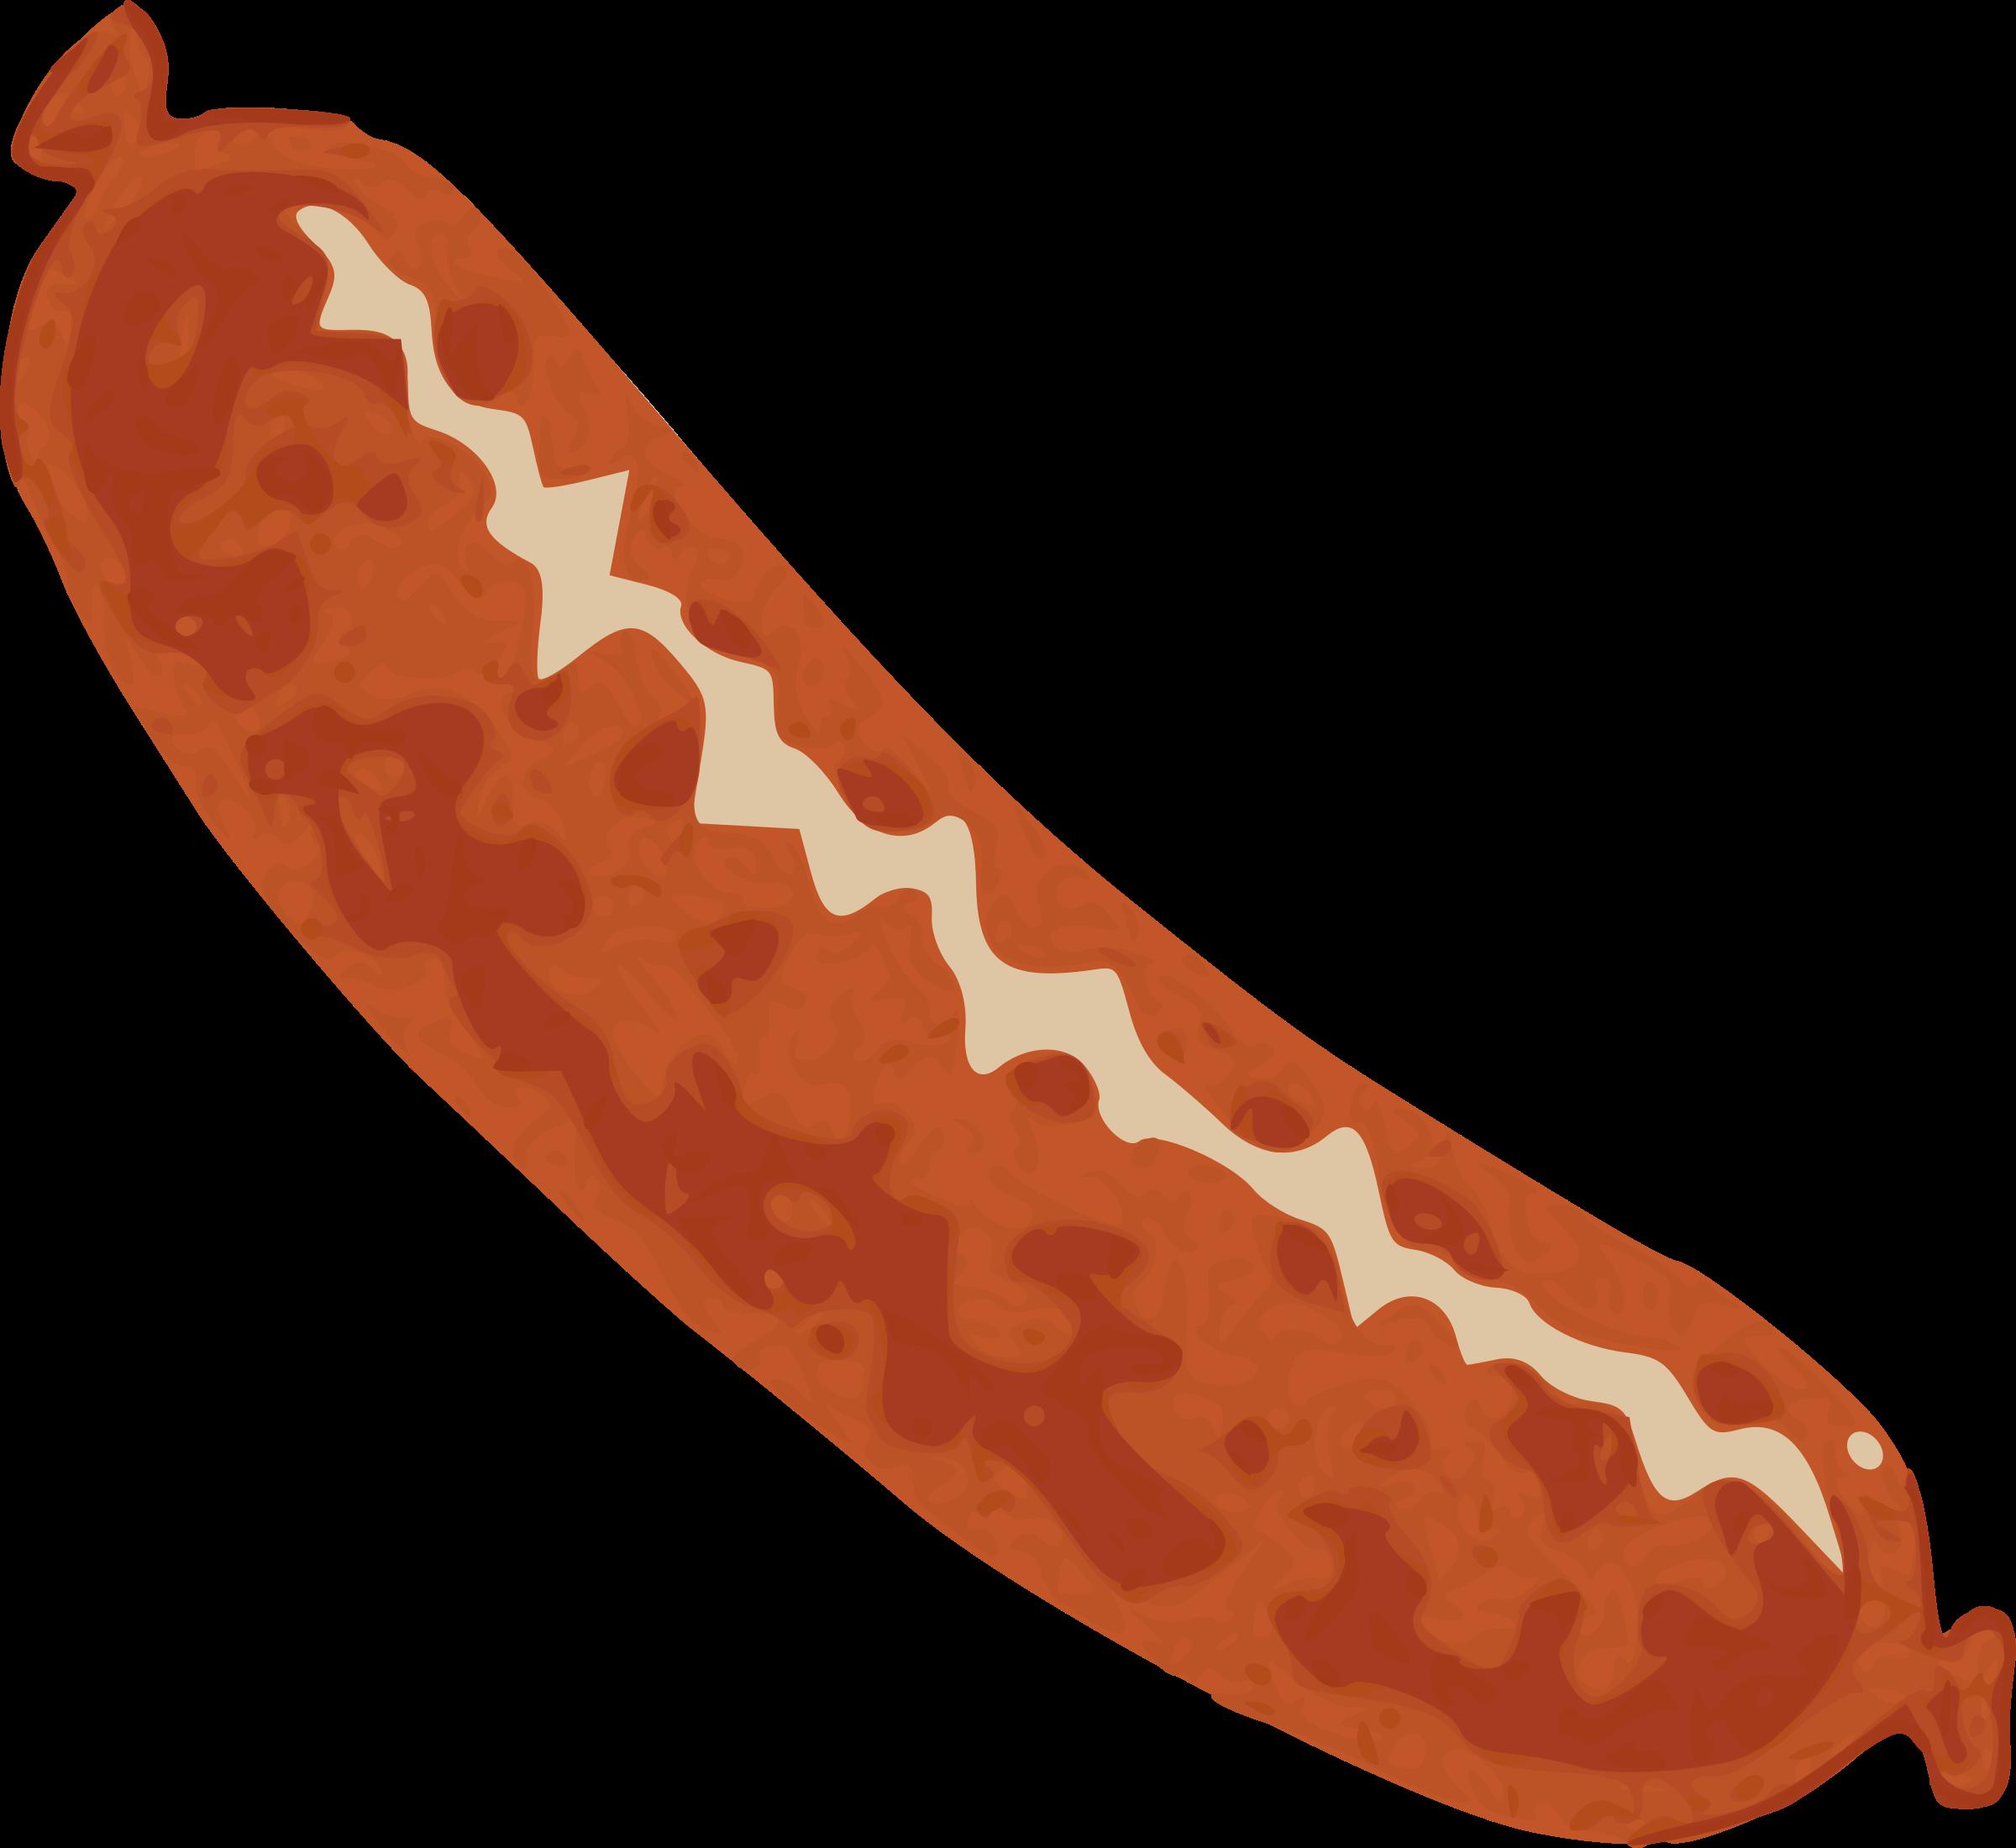 Sausage big image png. Hotdog clipart outline